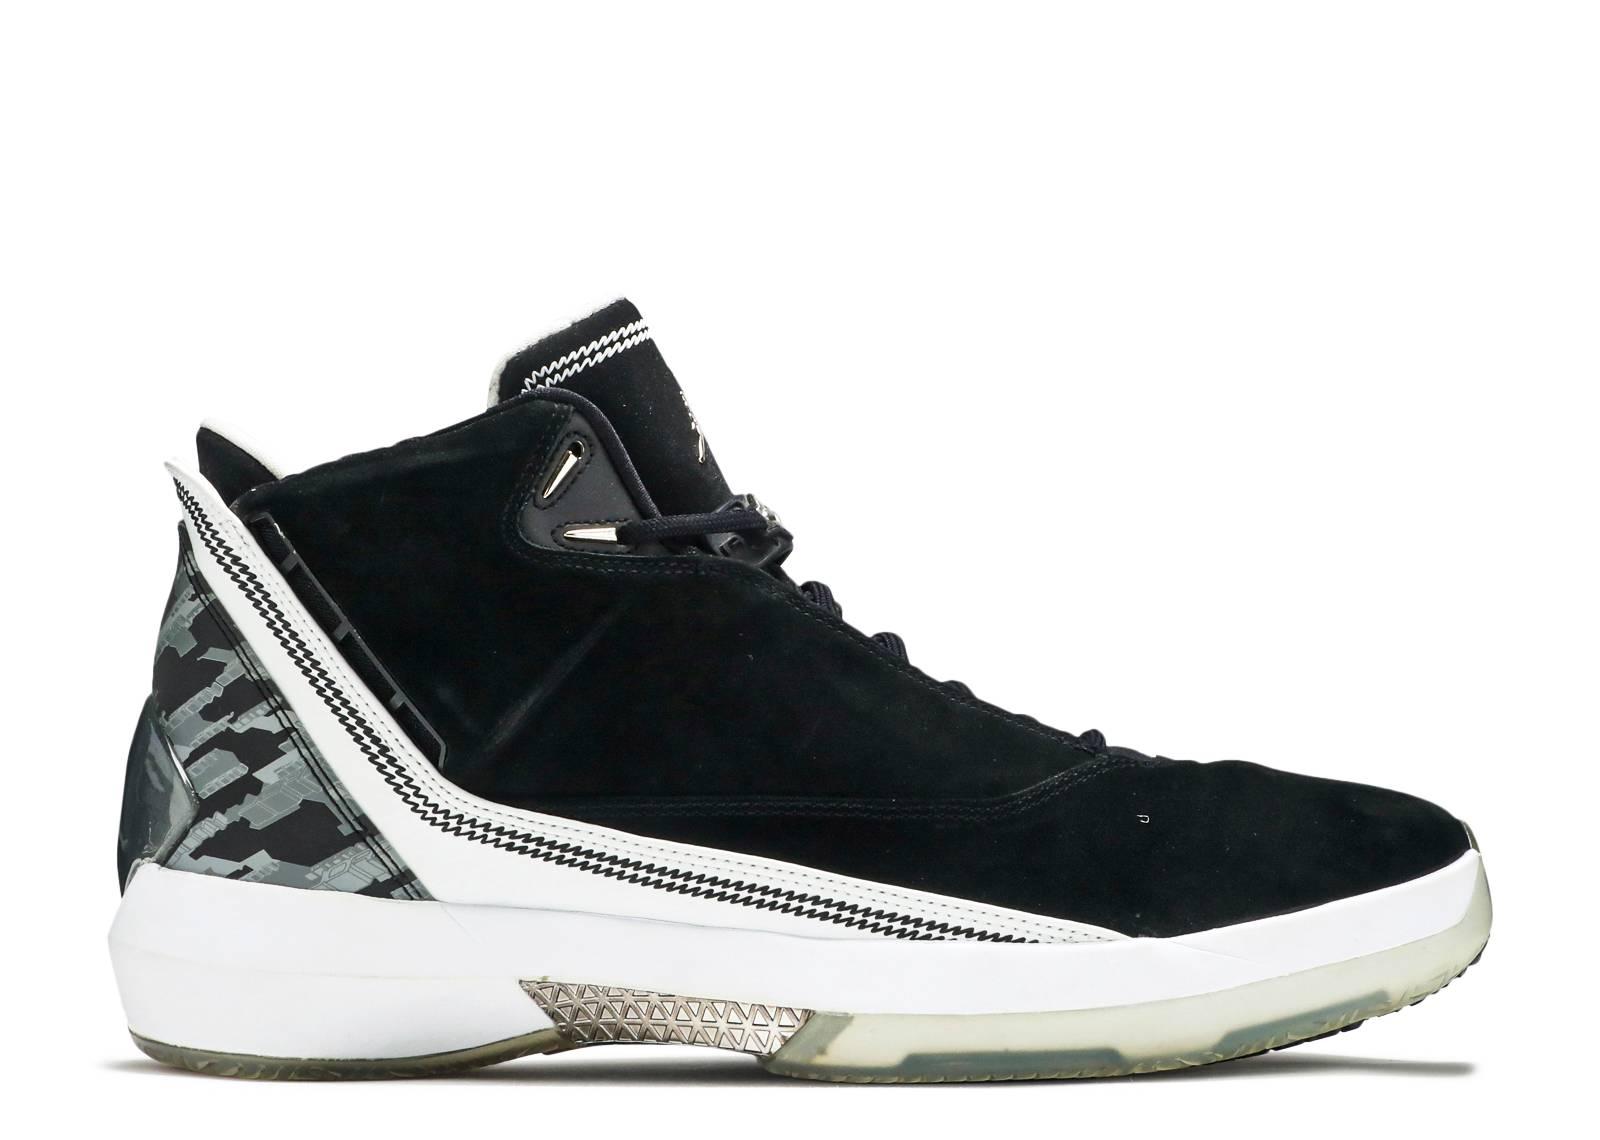 21350a846f1 Air Jordan 22 Retro